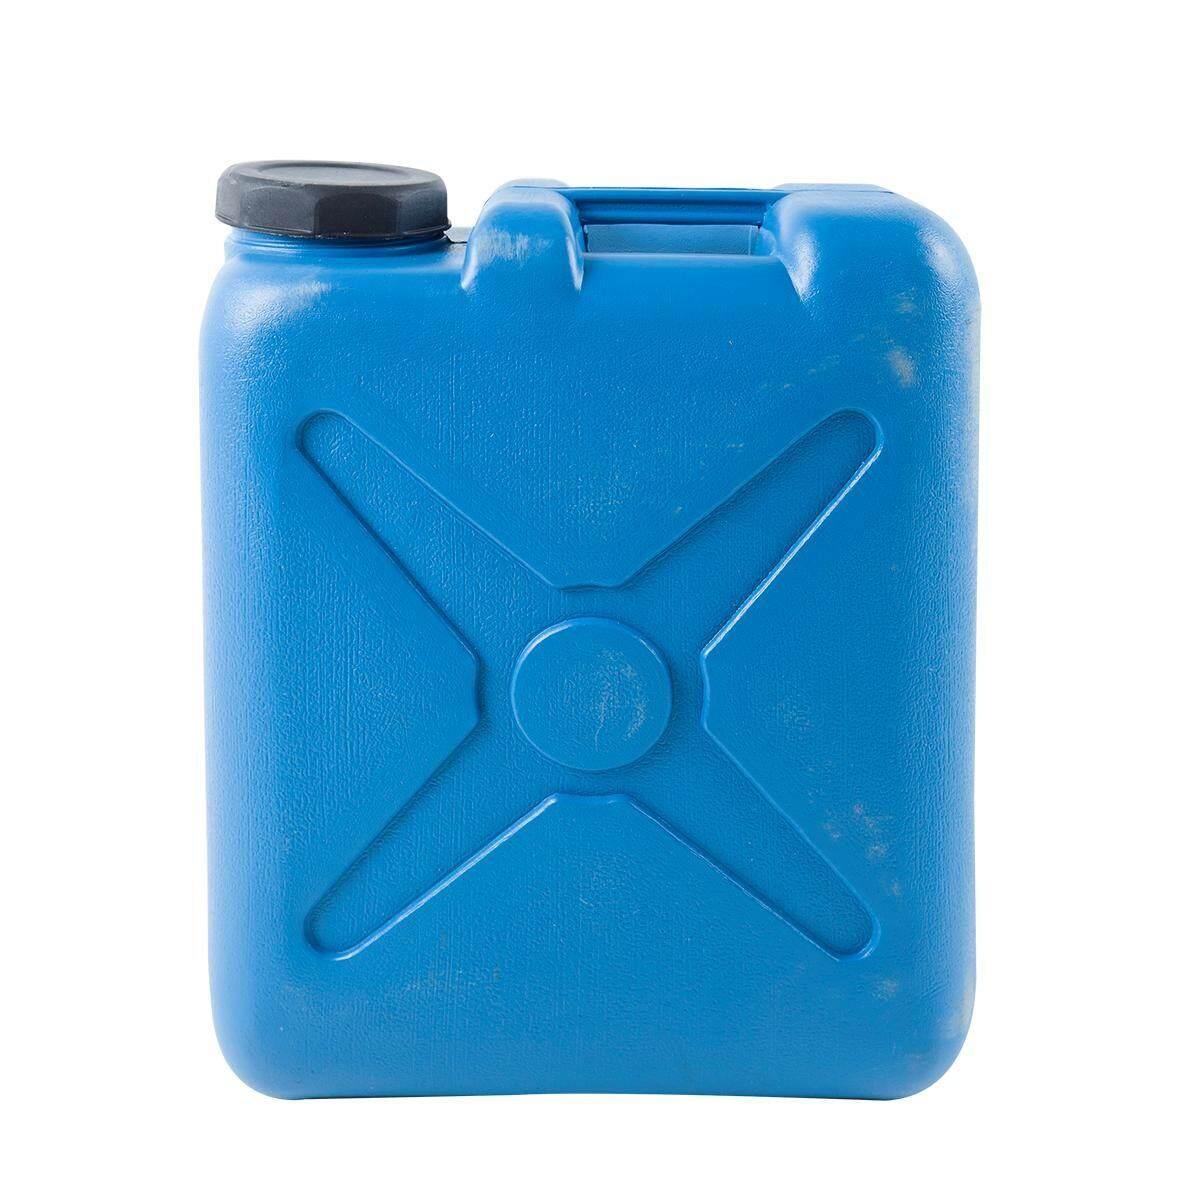 Bd&p Shop ถังใส่น้ำมัน ถังแกลลอนพลาสติก 20 ลิตร ขนาด 34.5x17x43ซม.สีฟ้า.